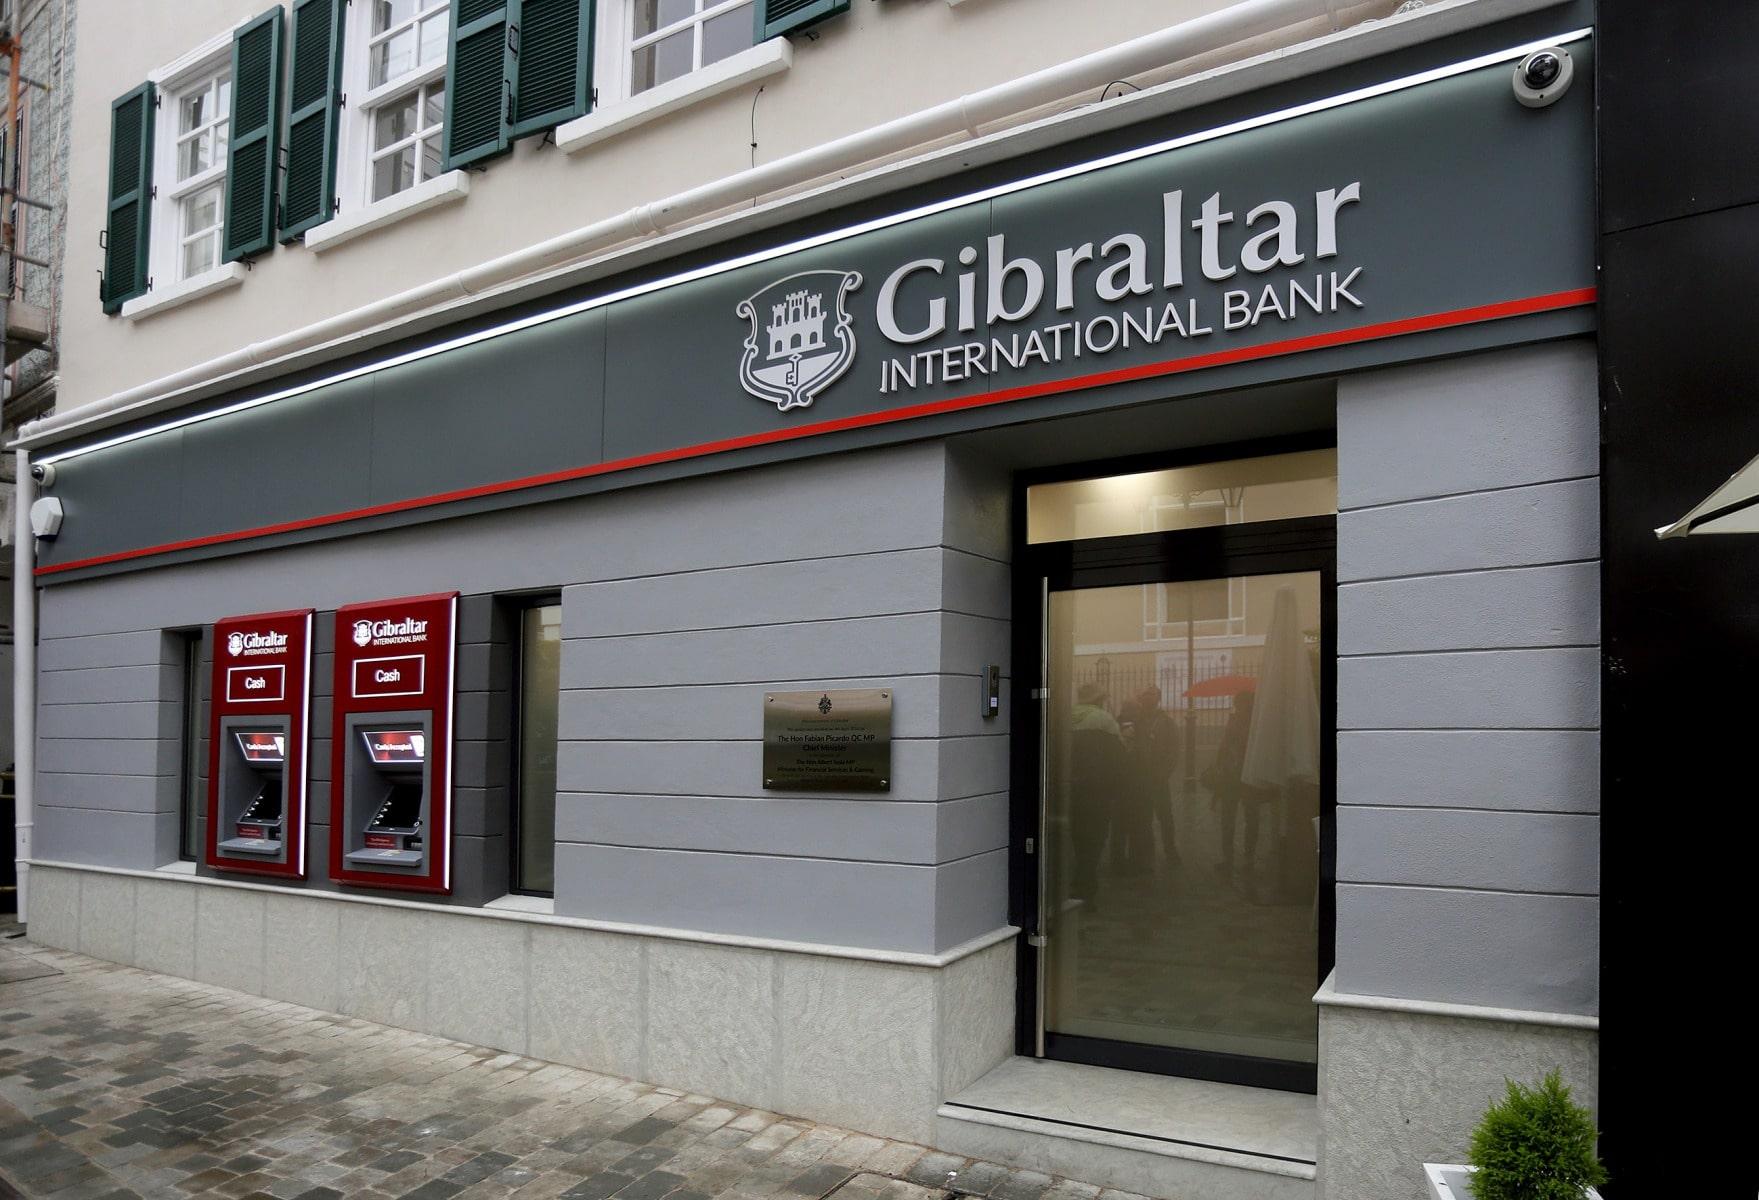 4-abr-2016-inauguracin-nueva-sede-banco-internacional-de-gibraltar-1_26142222512_o